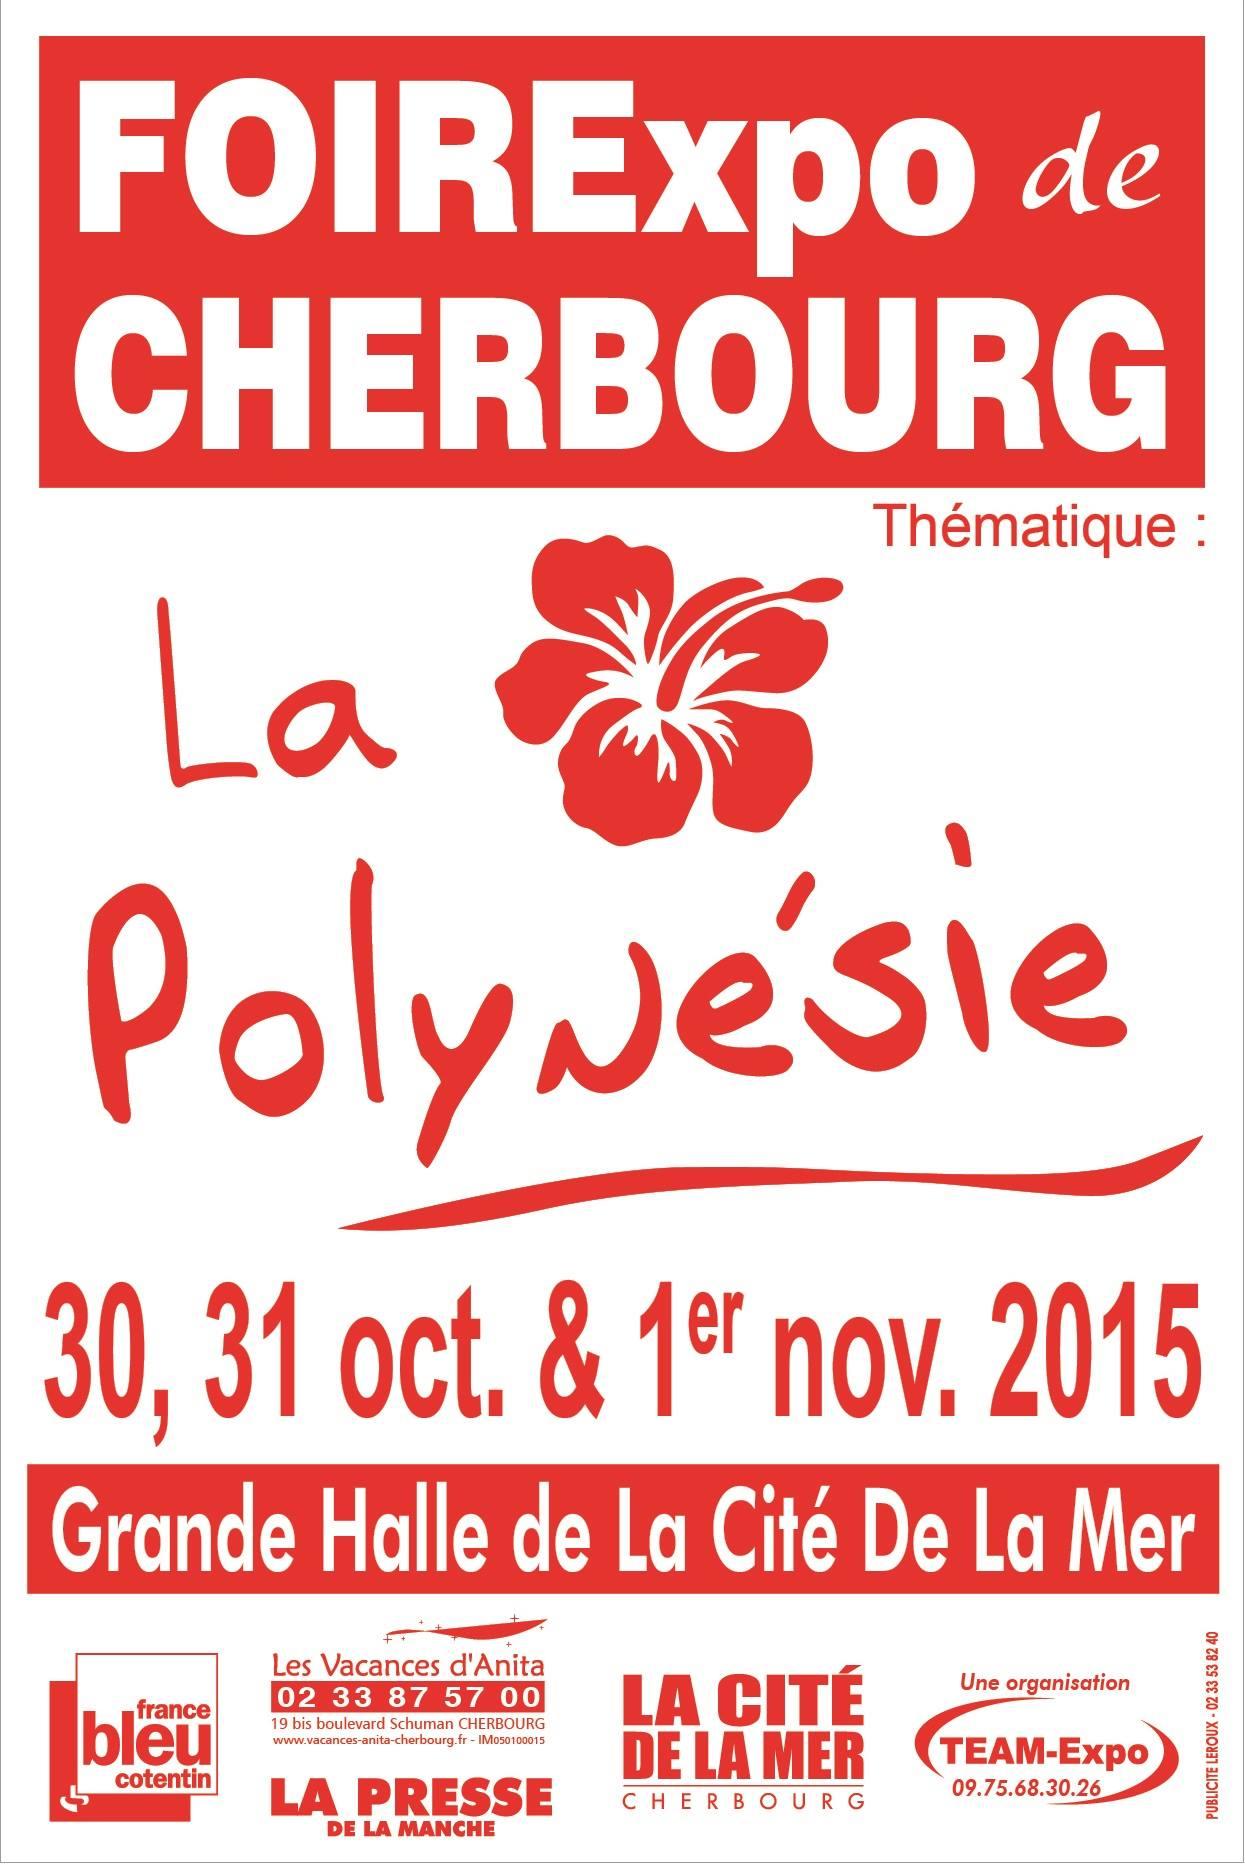 Affiche Foire expo de Cherbourg 2015